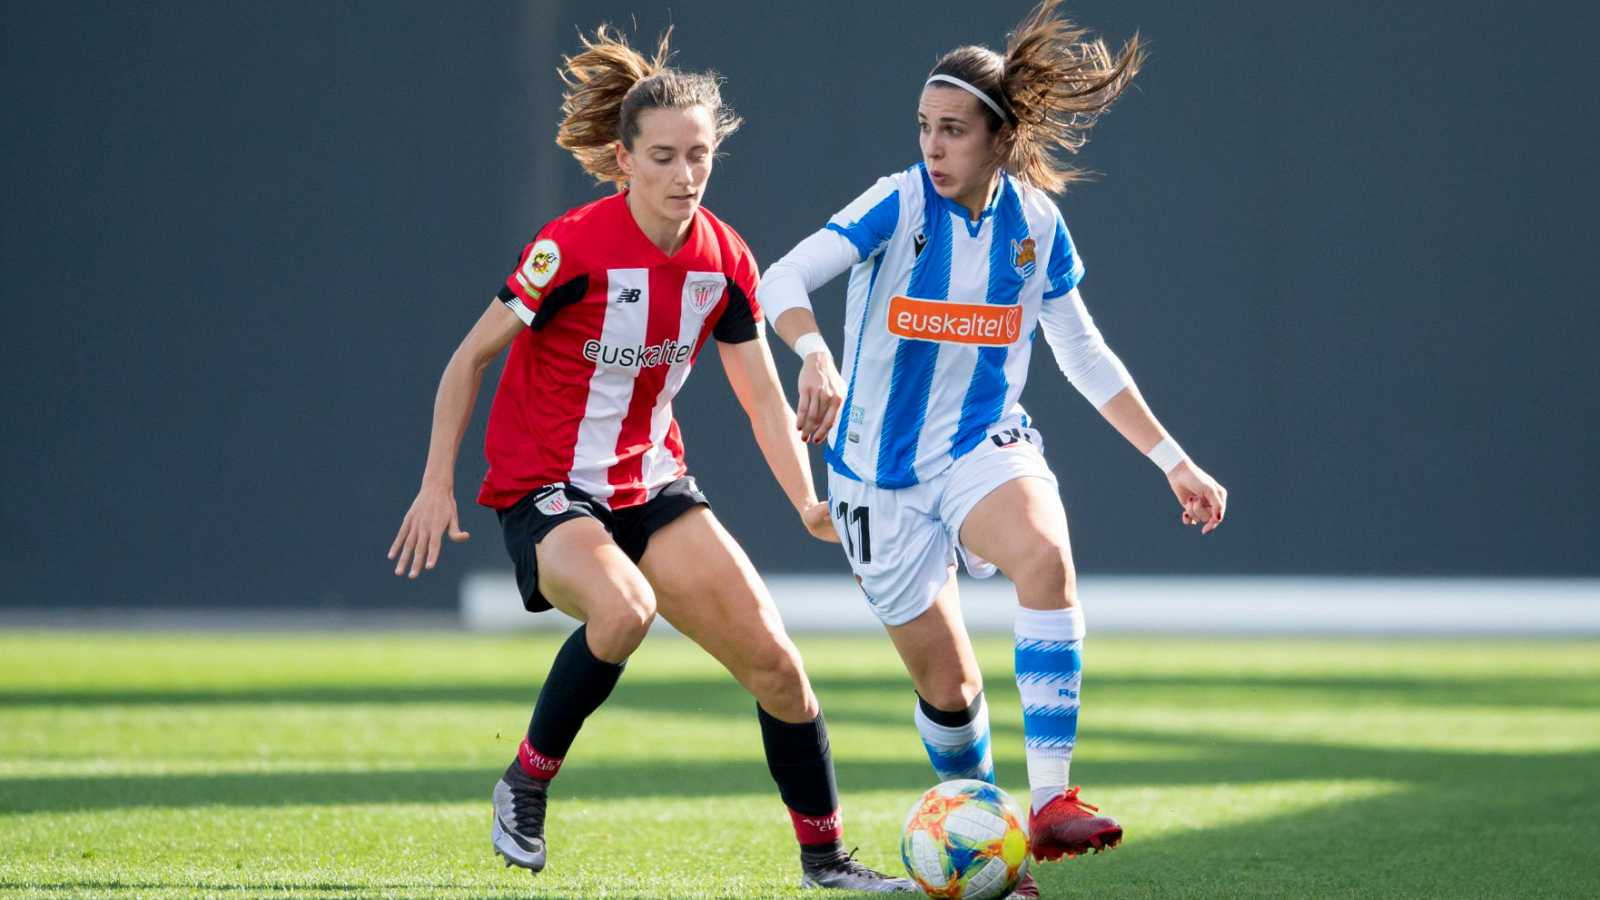 Las claves del convenio colectivo del fútbol femenino